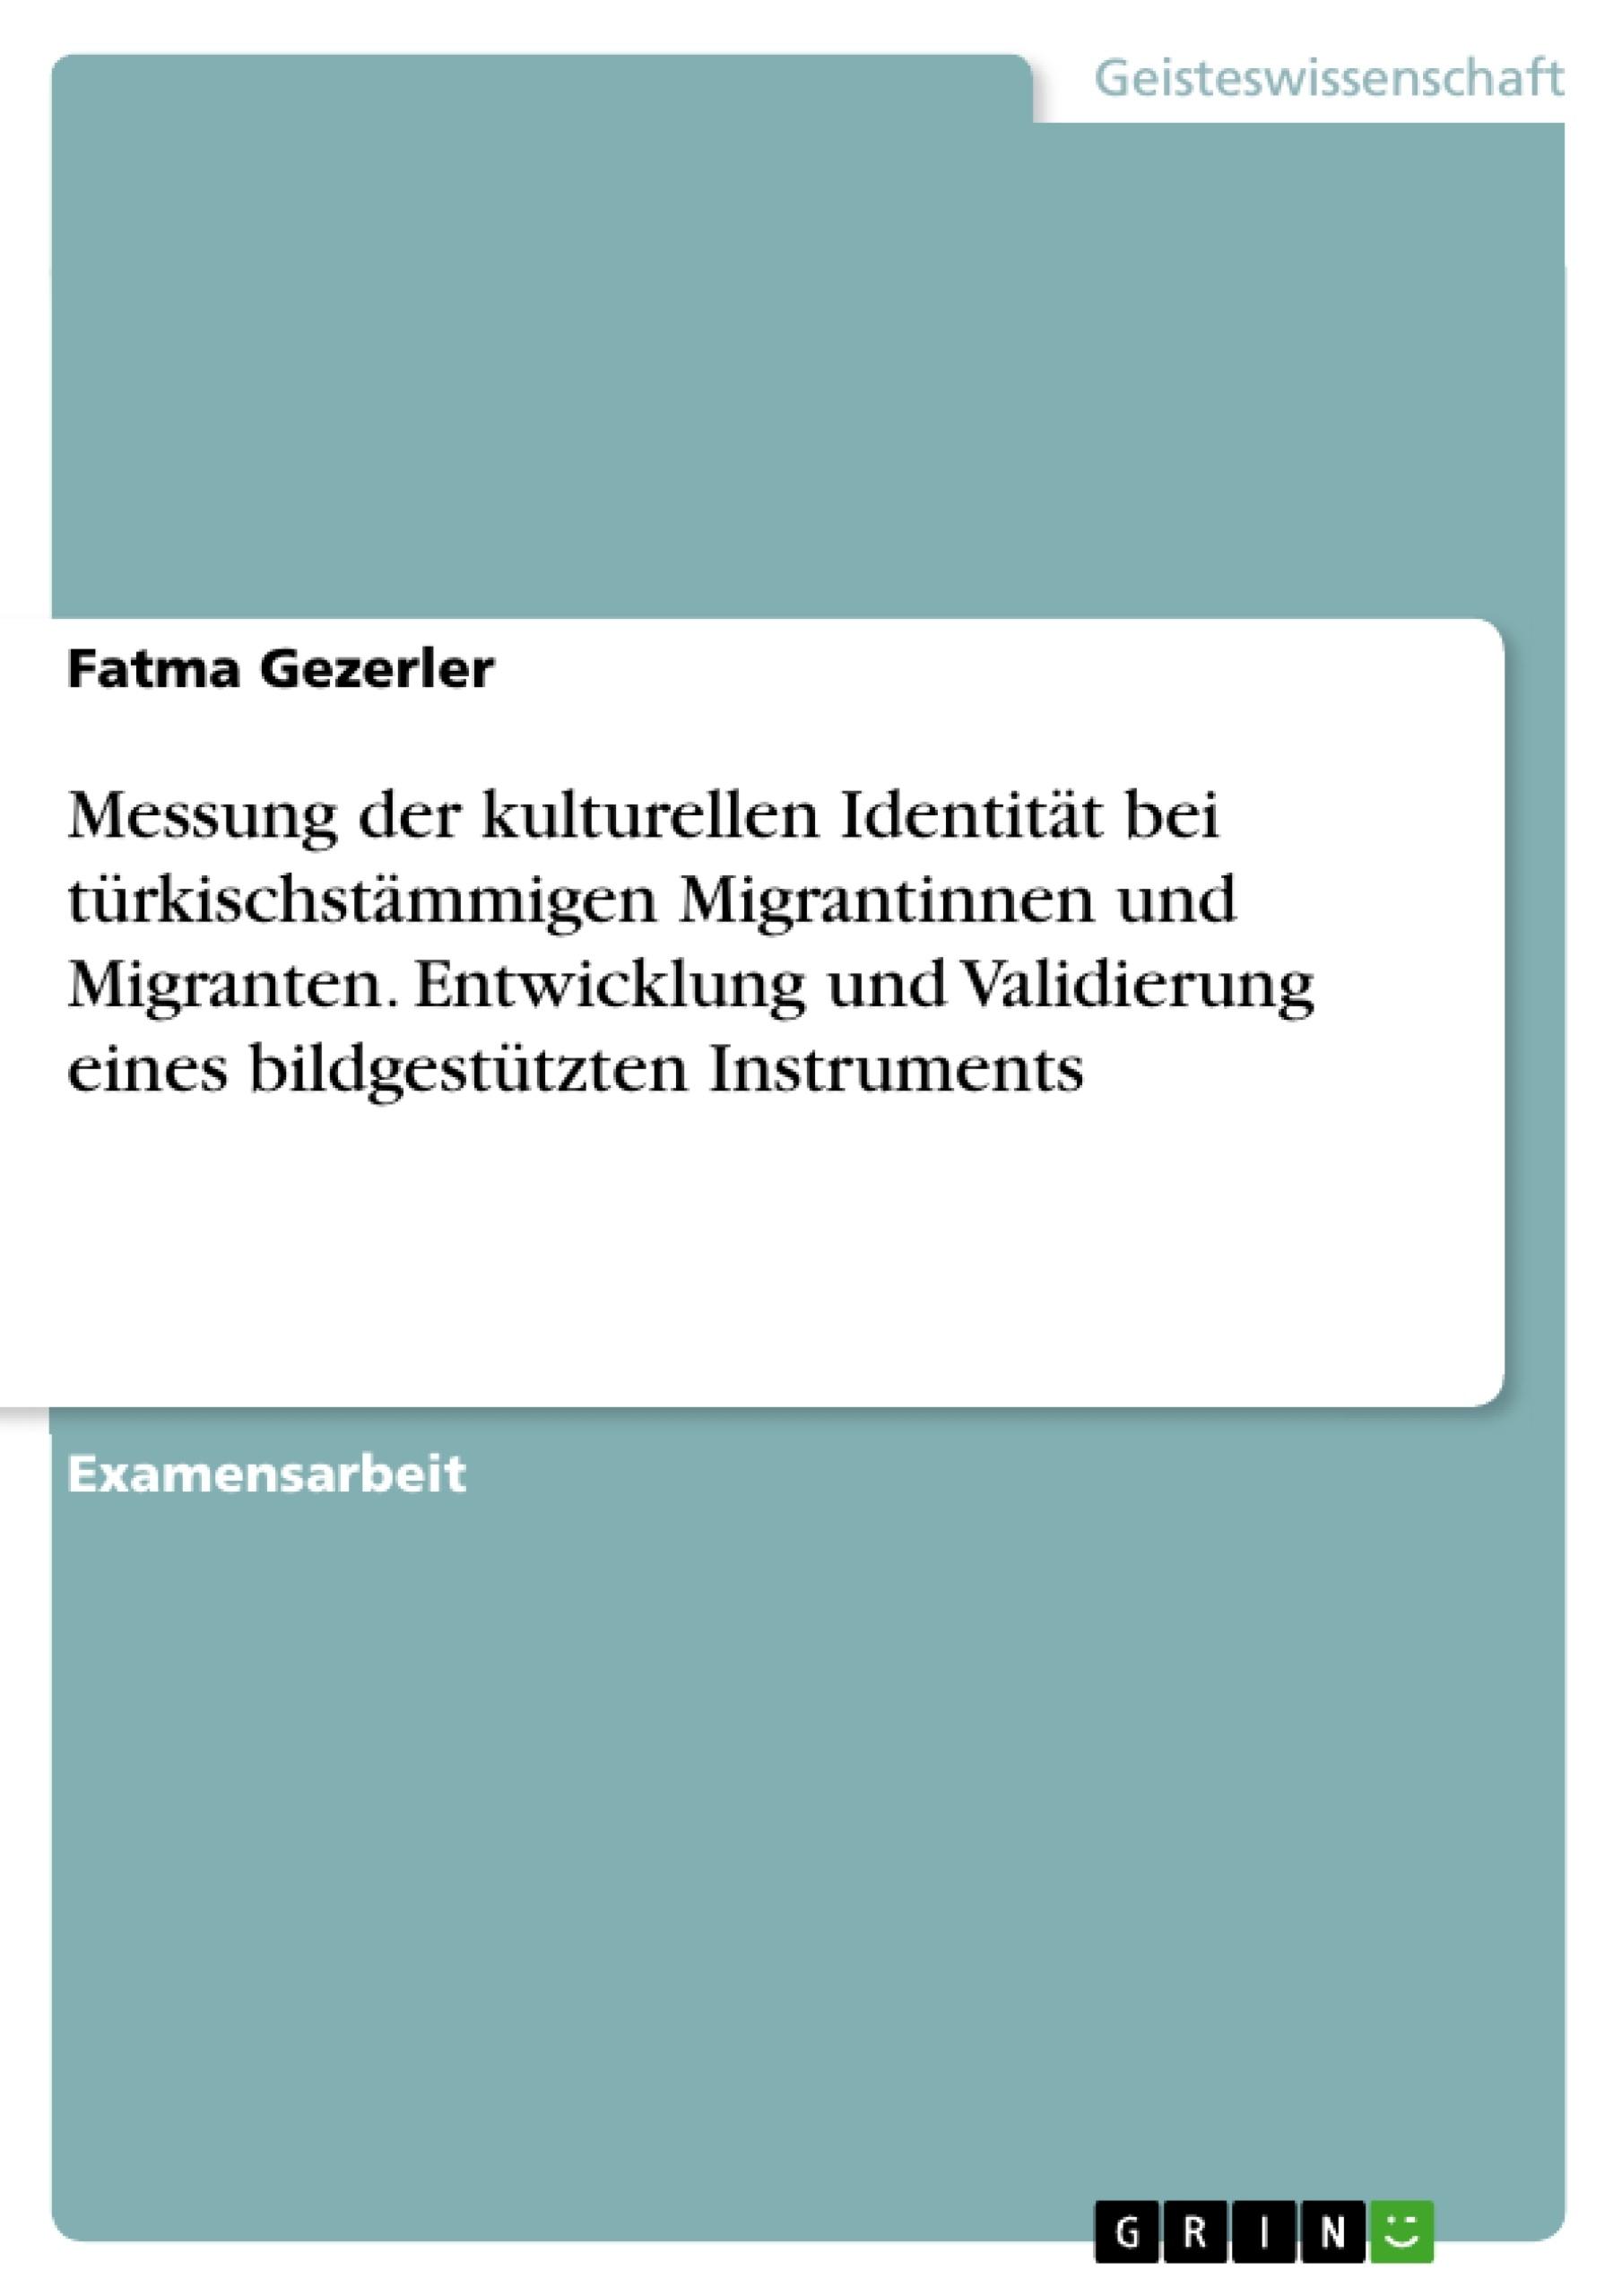 Titel: Messung der kulturellen Identität bei türkischstämmigen Migrantinnen und Migranten. Entwicklung und Validierung eines bildgestützten Instruments